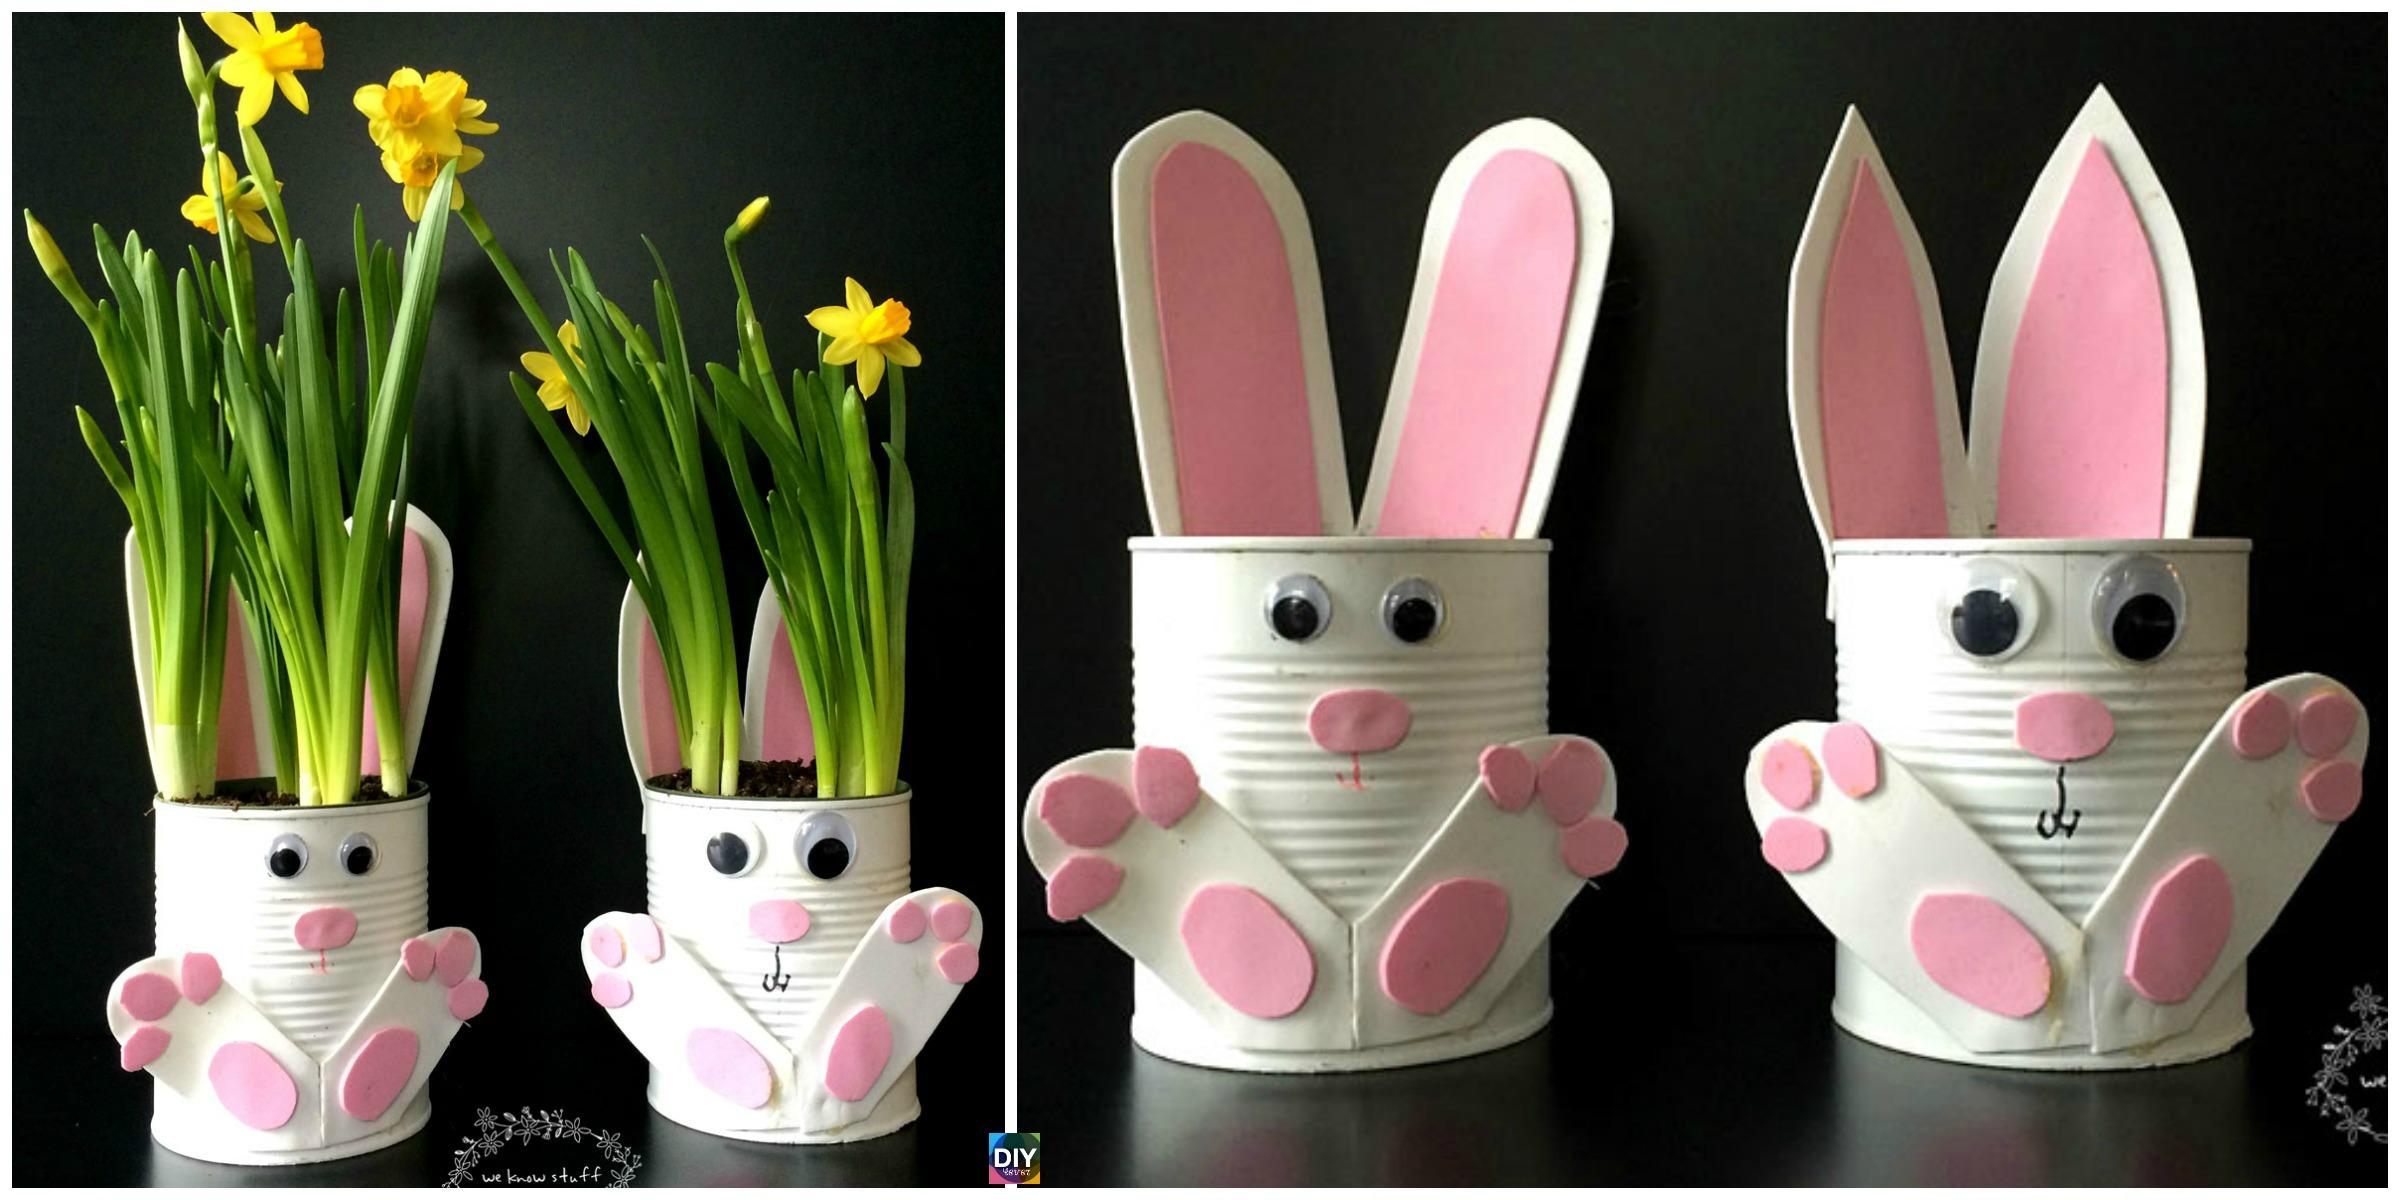 Adorable DIY Tin Can Bunny Planters